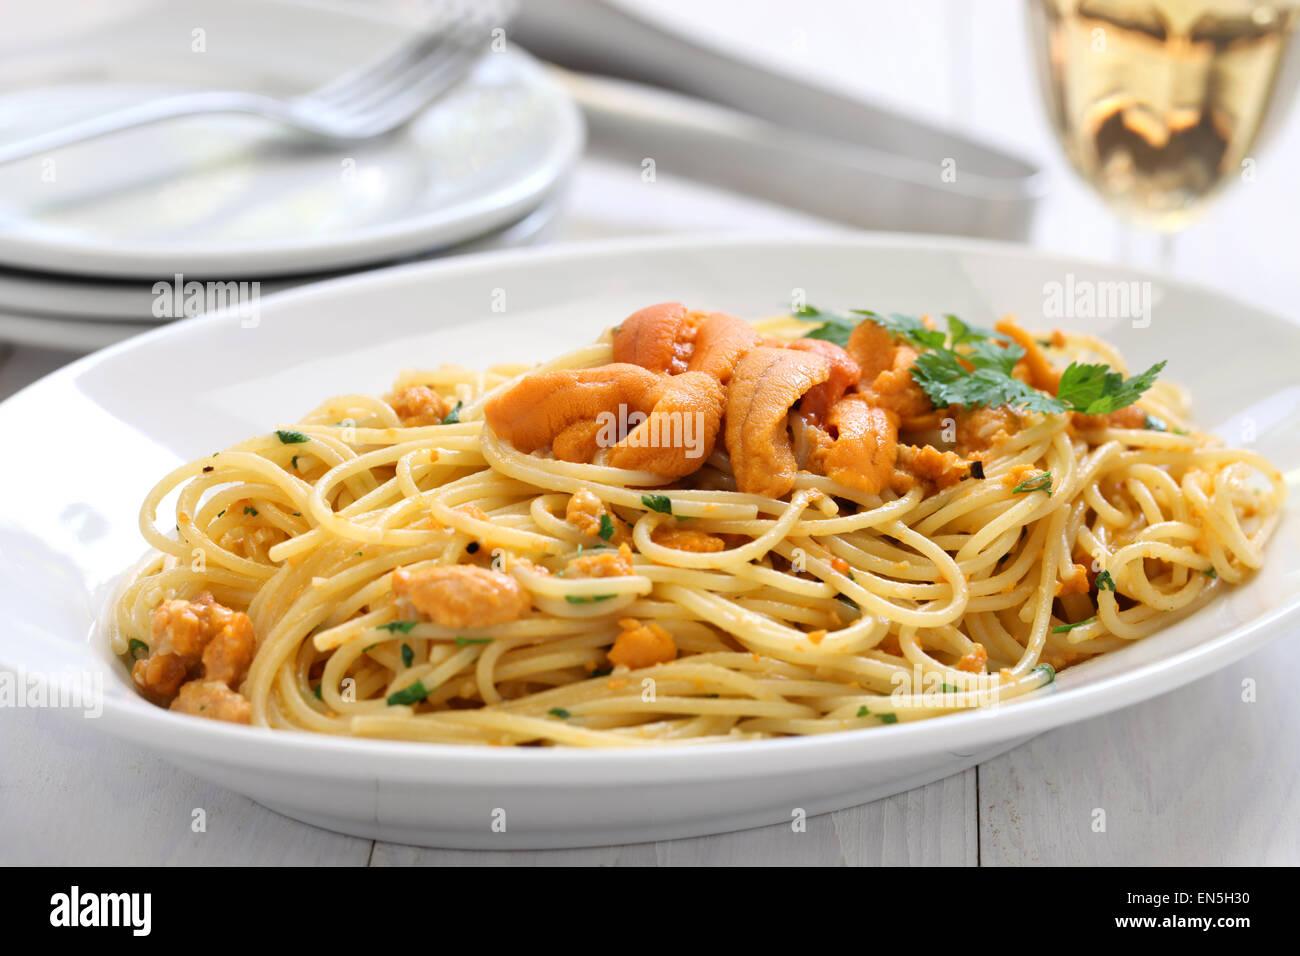 Pasta con ricci di mare roe, cucina italiana Immagini Stock